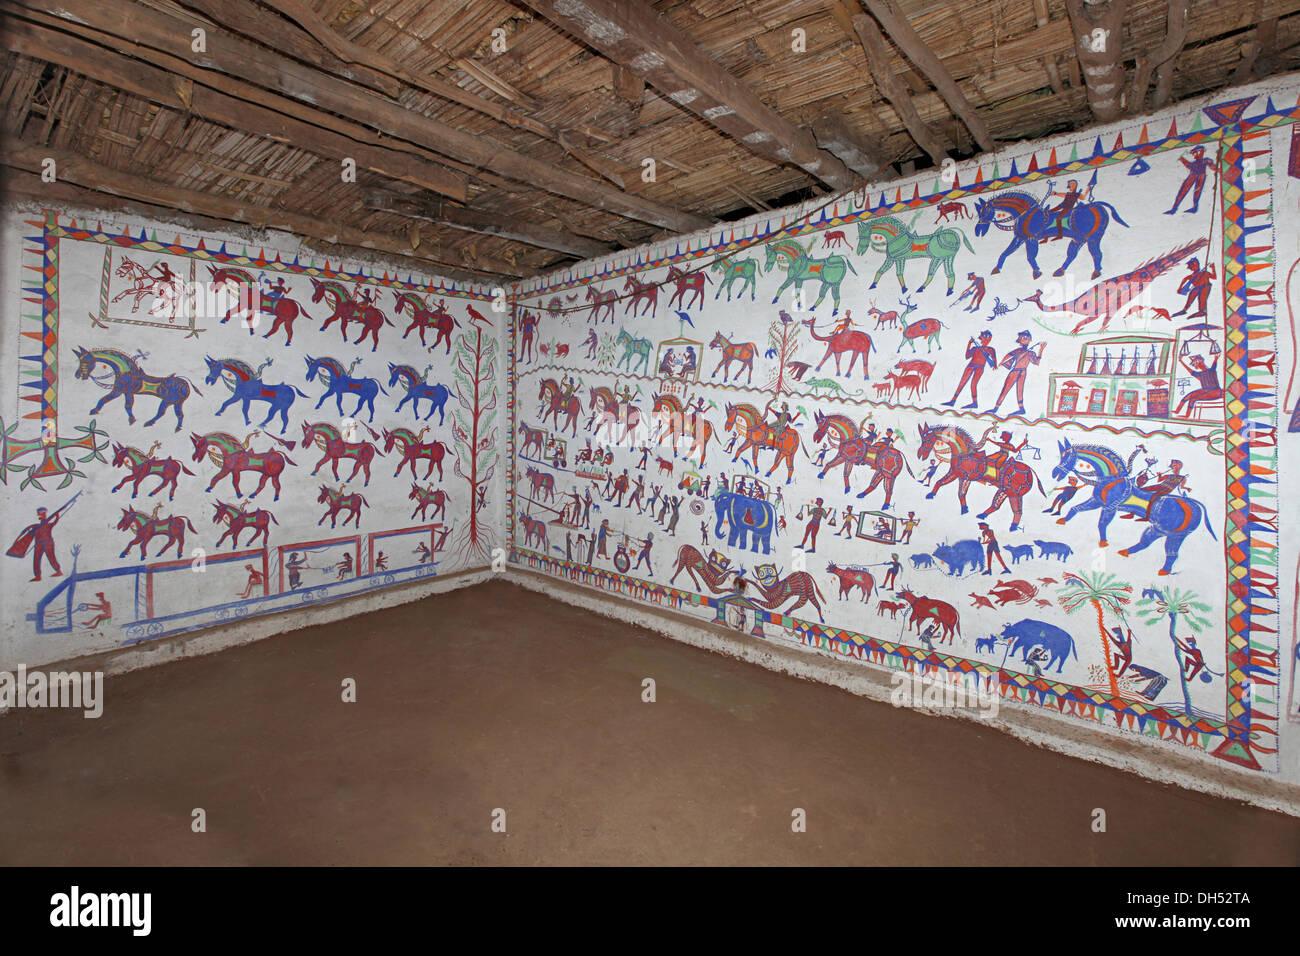 Stammes-Wandmalereien (Pithola Malerei), Bhil Stamm, Madhya Pradesh, Indien Stockbild